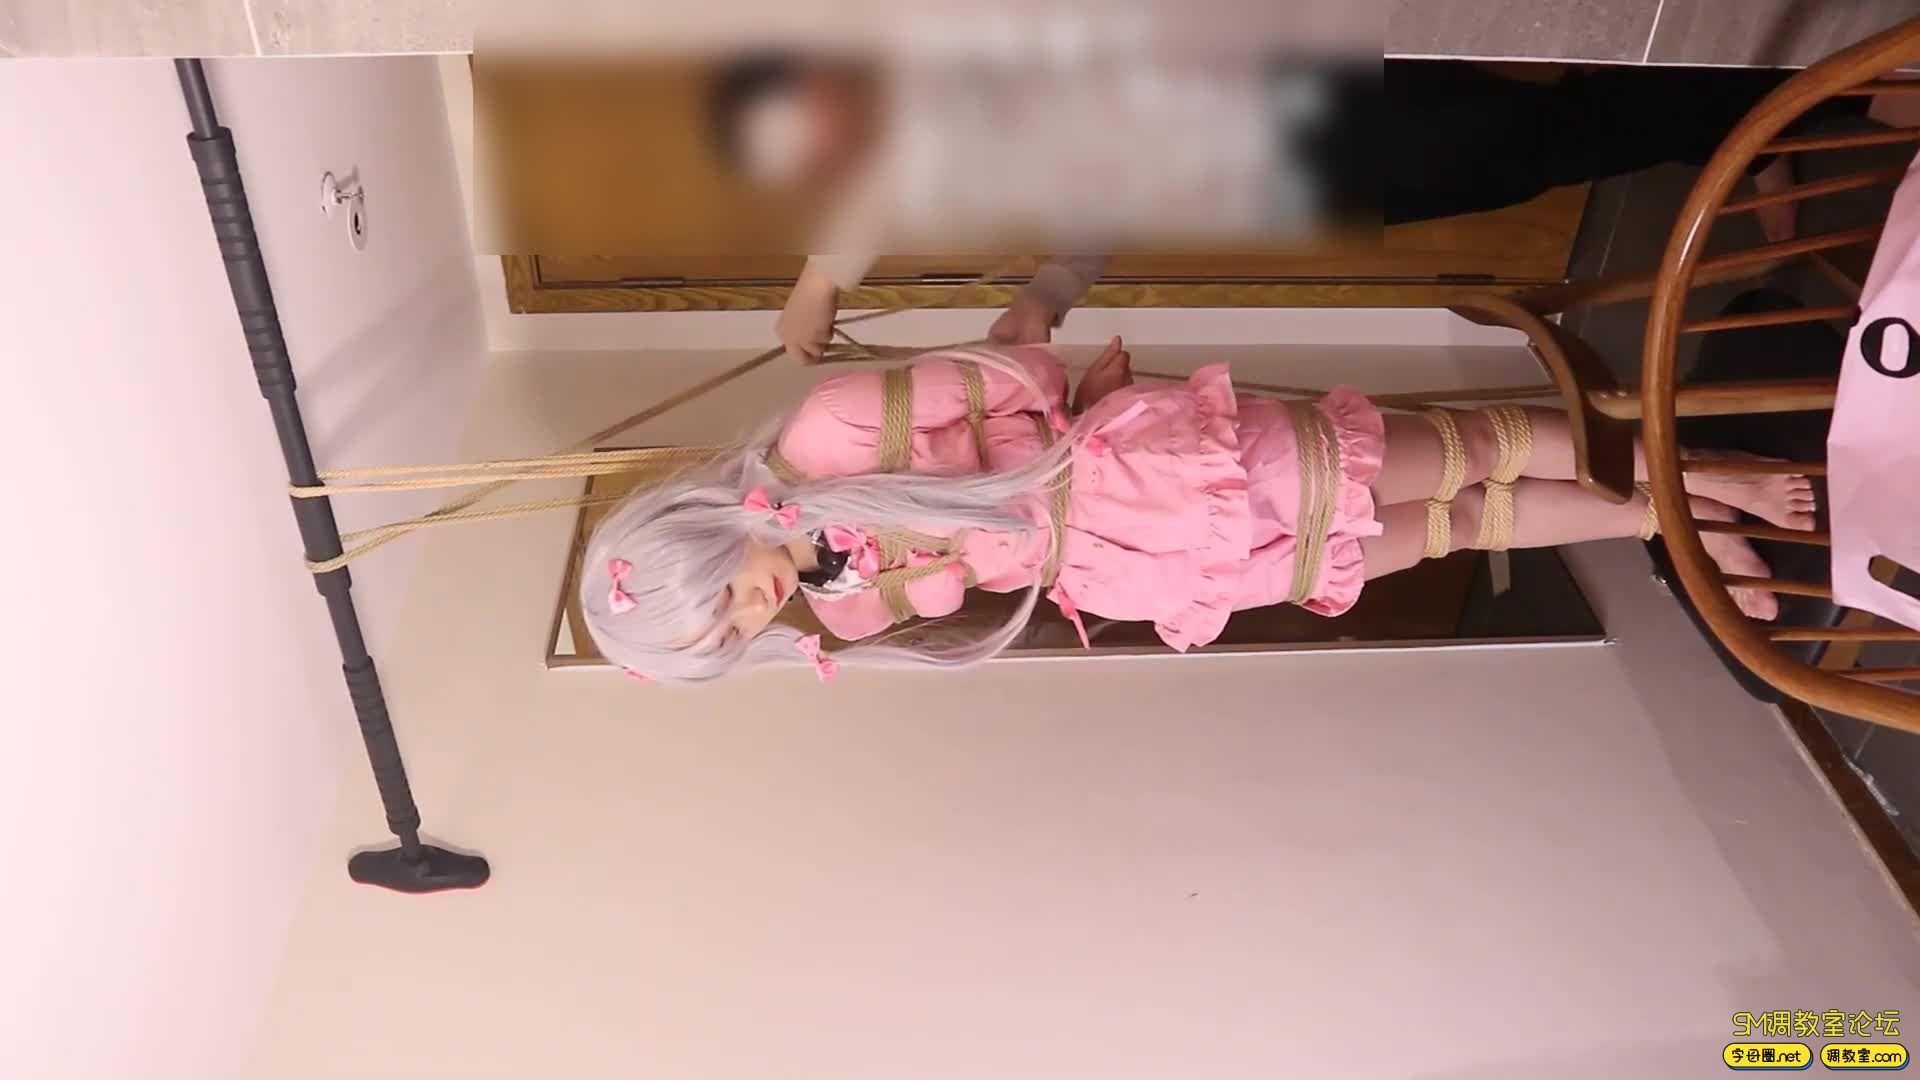 绳艺66号_萝莉妹子安酱的和泉纱雾COS吊缚滴蜡虐足-视频截图6